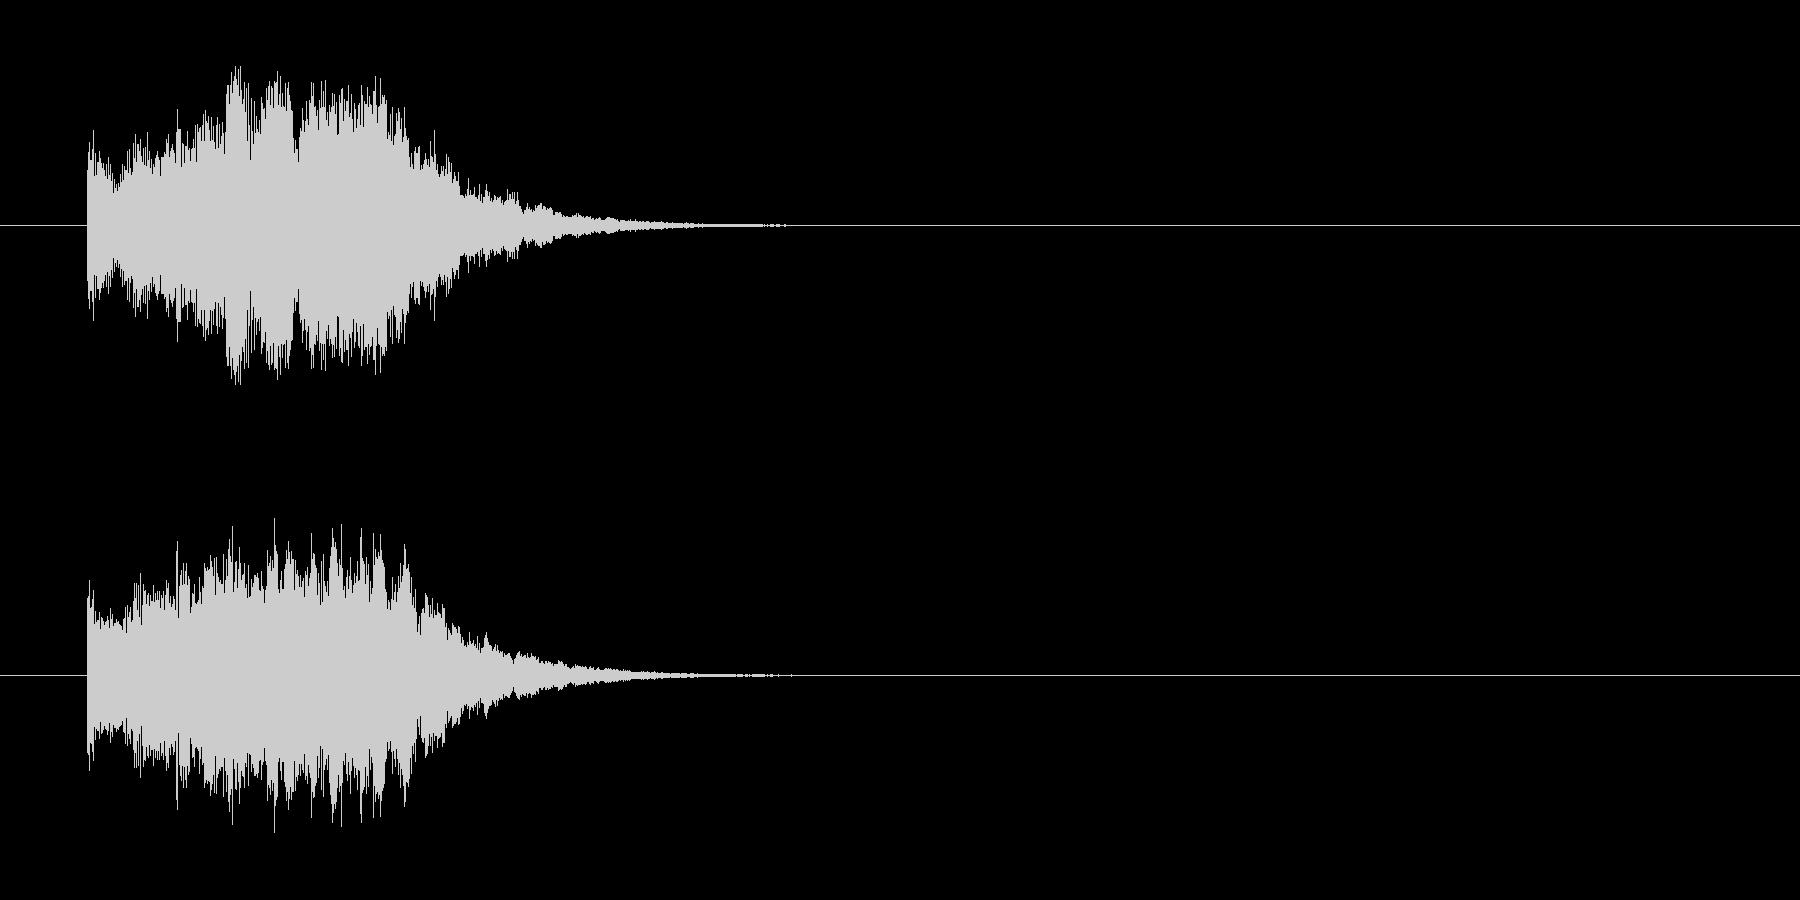 ジングル/環境(クイズ/場面転換風)の未再生の波形